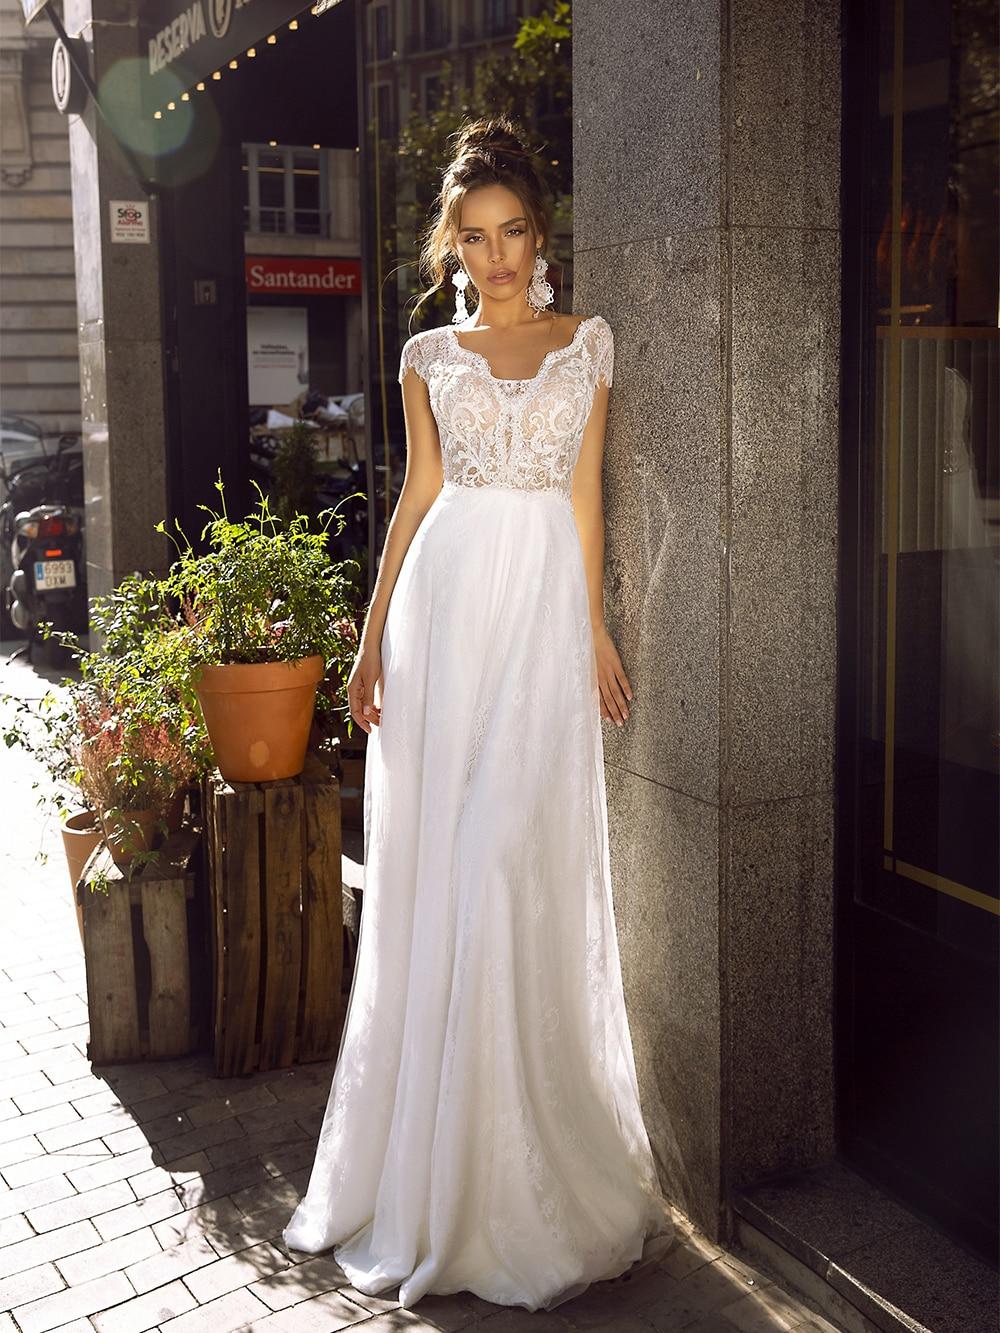 Boda Vestido De Encaje Vintage vestidos De Novia De encaje Vestido De...